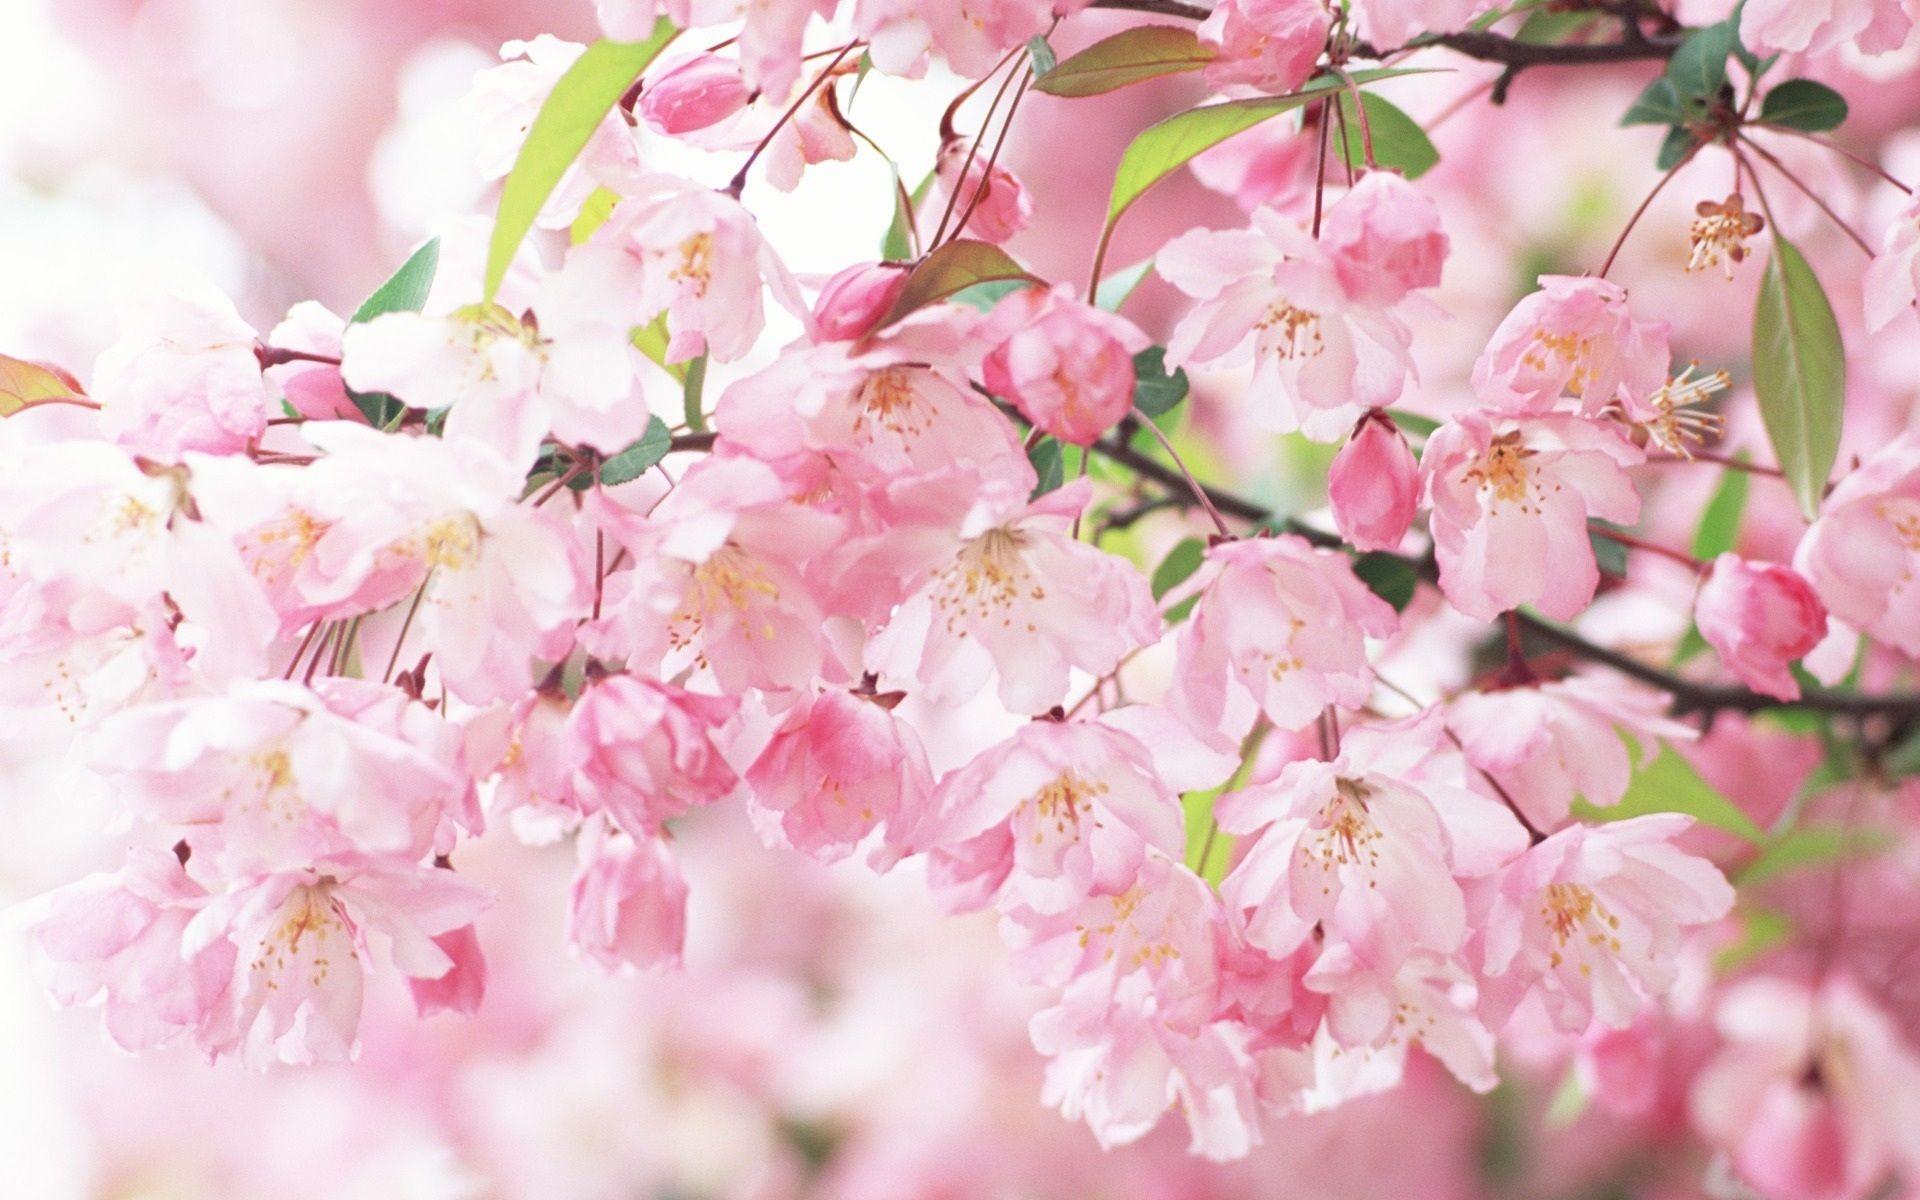 Cerejeiras Spring Flowers Wallpaper Cherry Blossom Flowers Cherry Blossom Petals